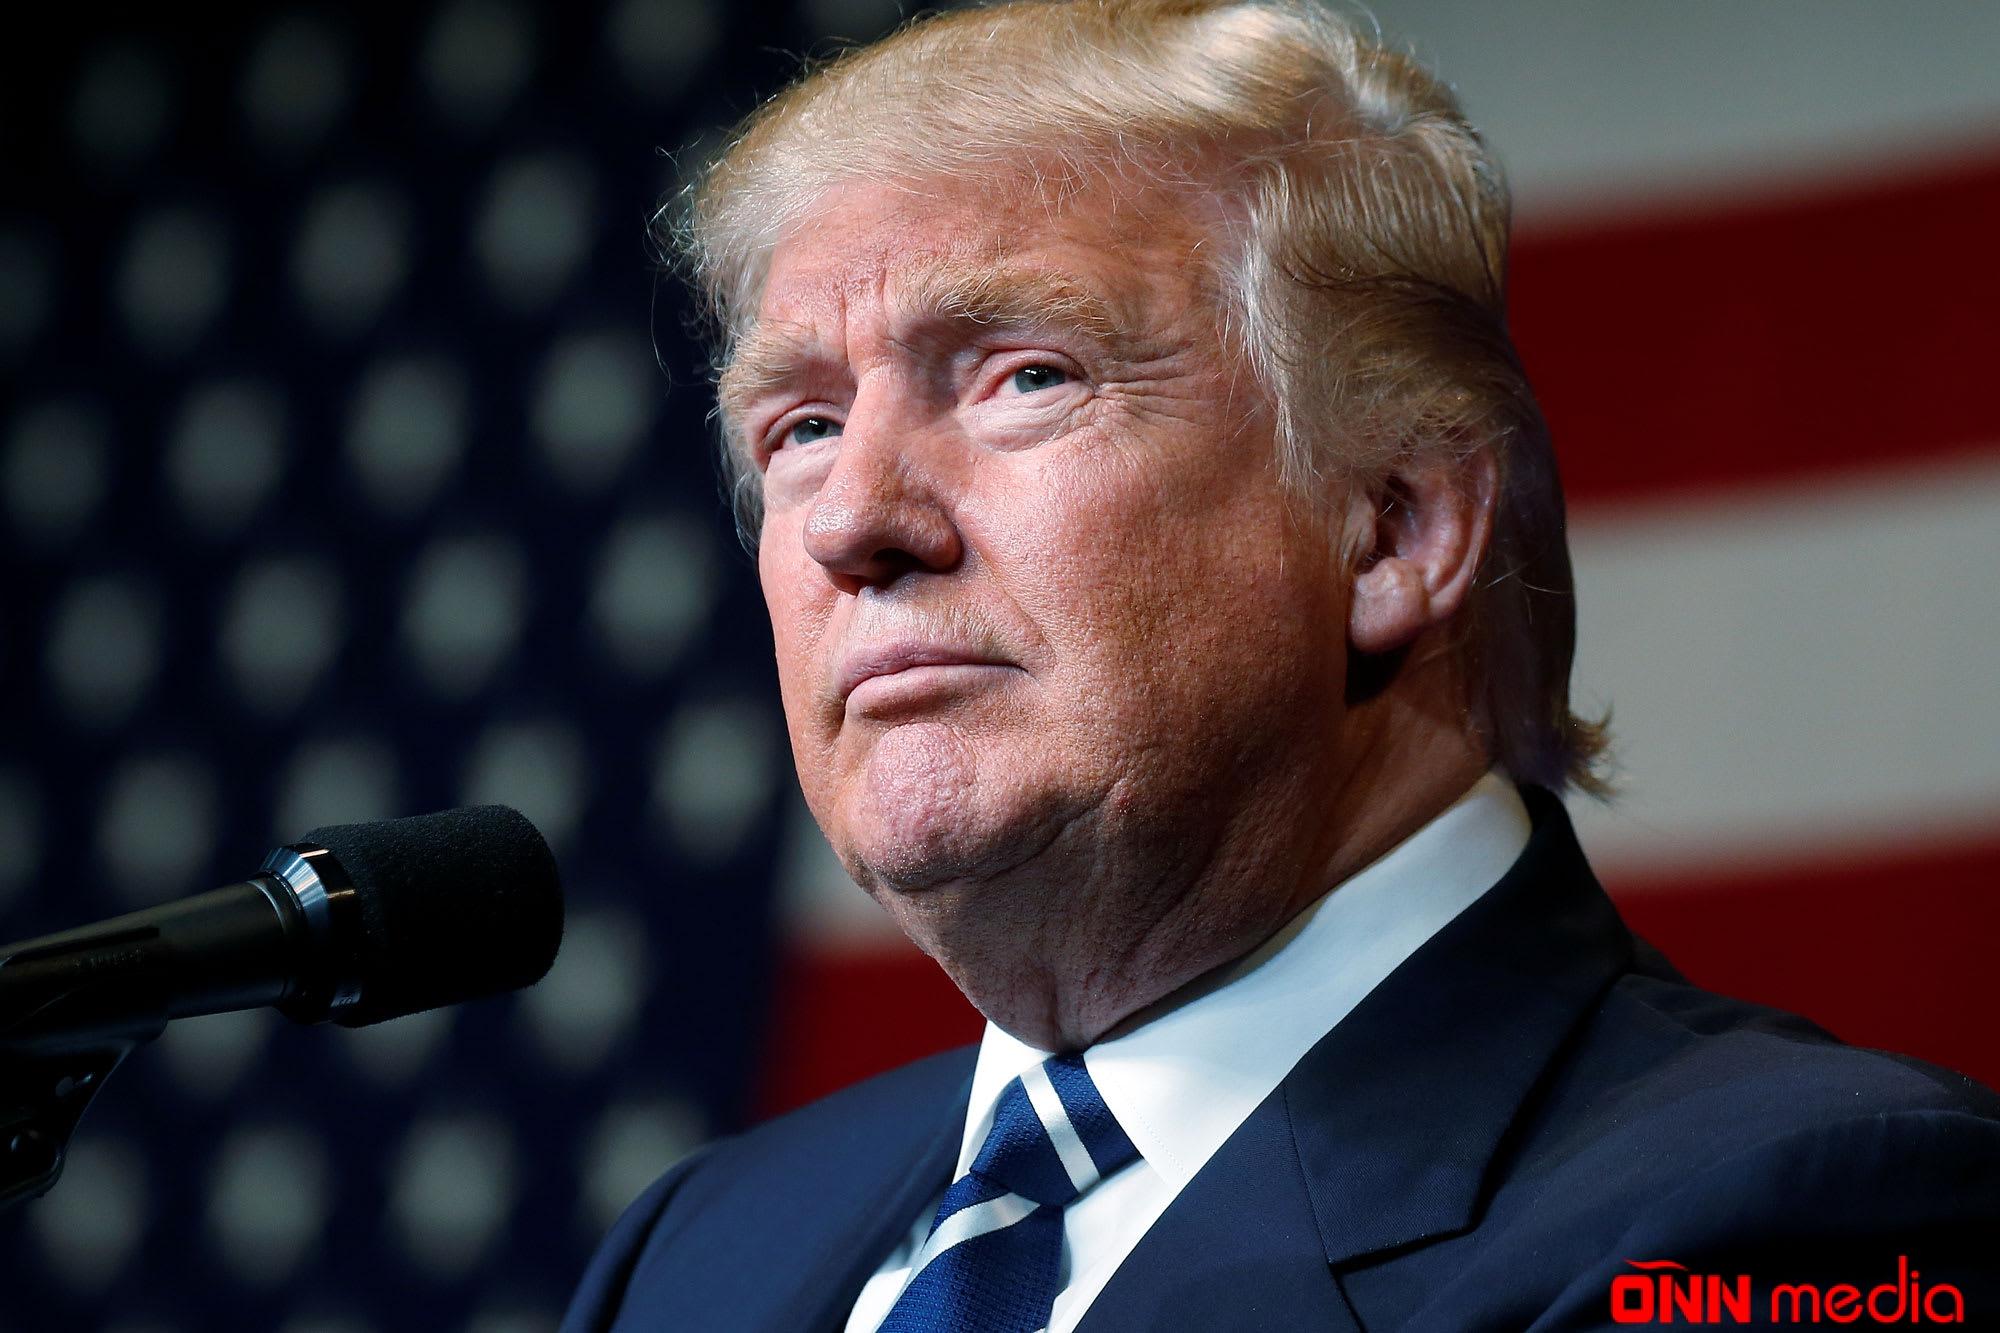 Trampdan ŞOK AÇIQLAMA: Rusiya ABŞ-da onu prezident görmək istəyir